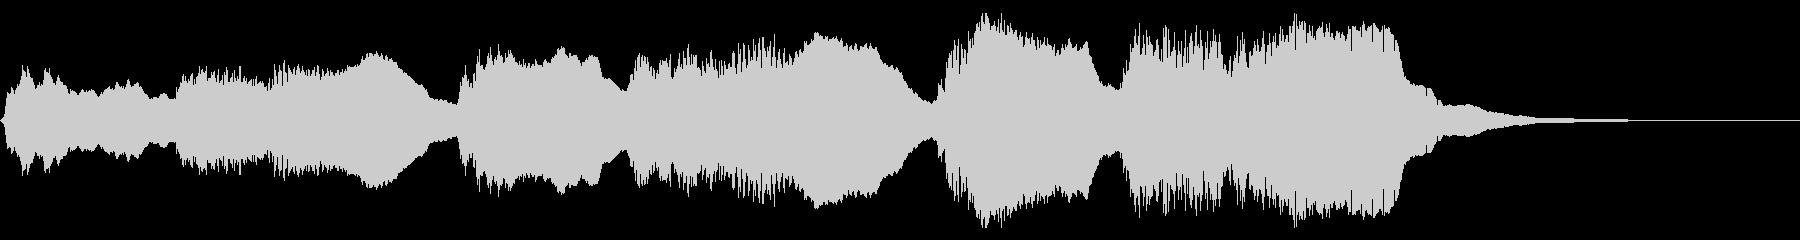 バッハ「トッカータとフーガ」原曲冒頭の未再生の波形